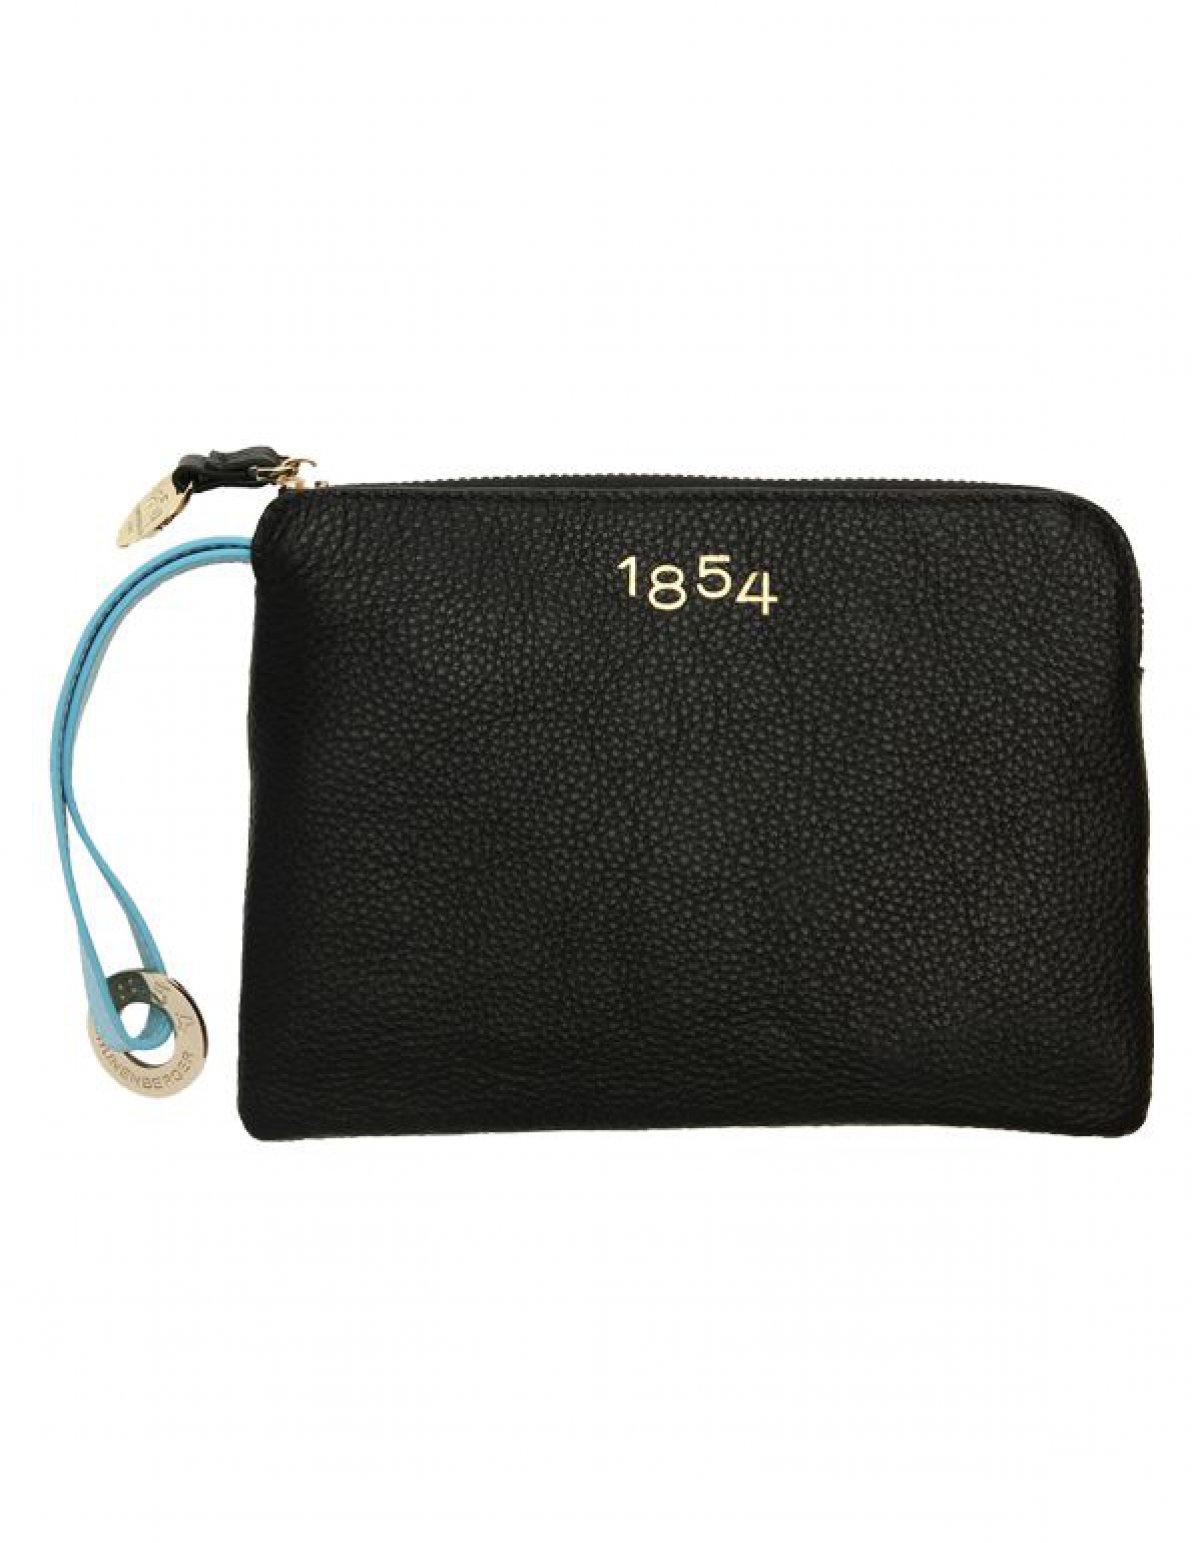 44da5dee877ea Malibu - Carnet de Mode - Damen-Handtaschen - Clutches -